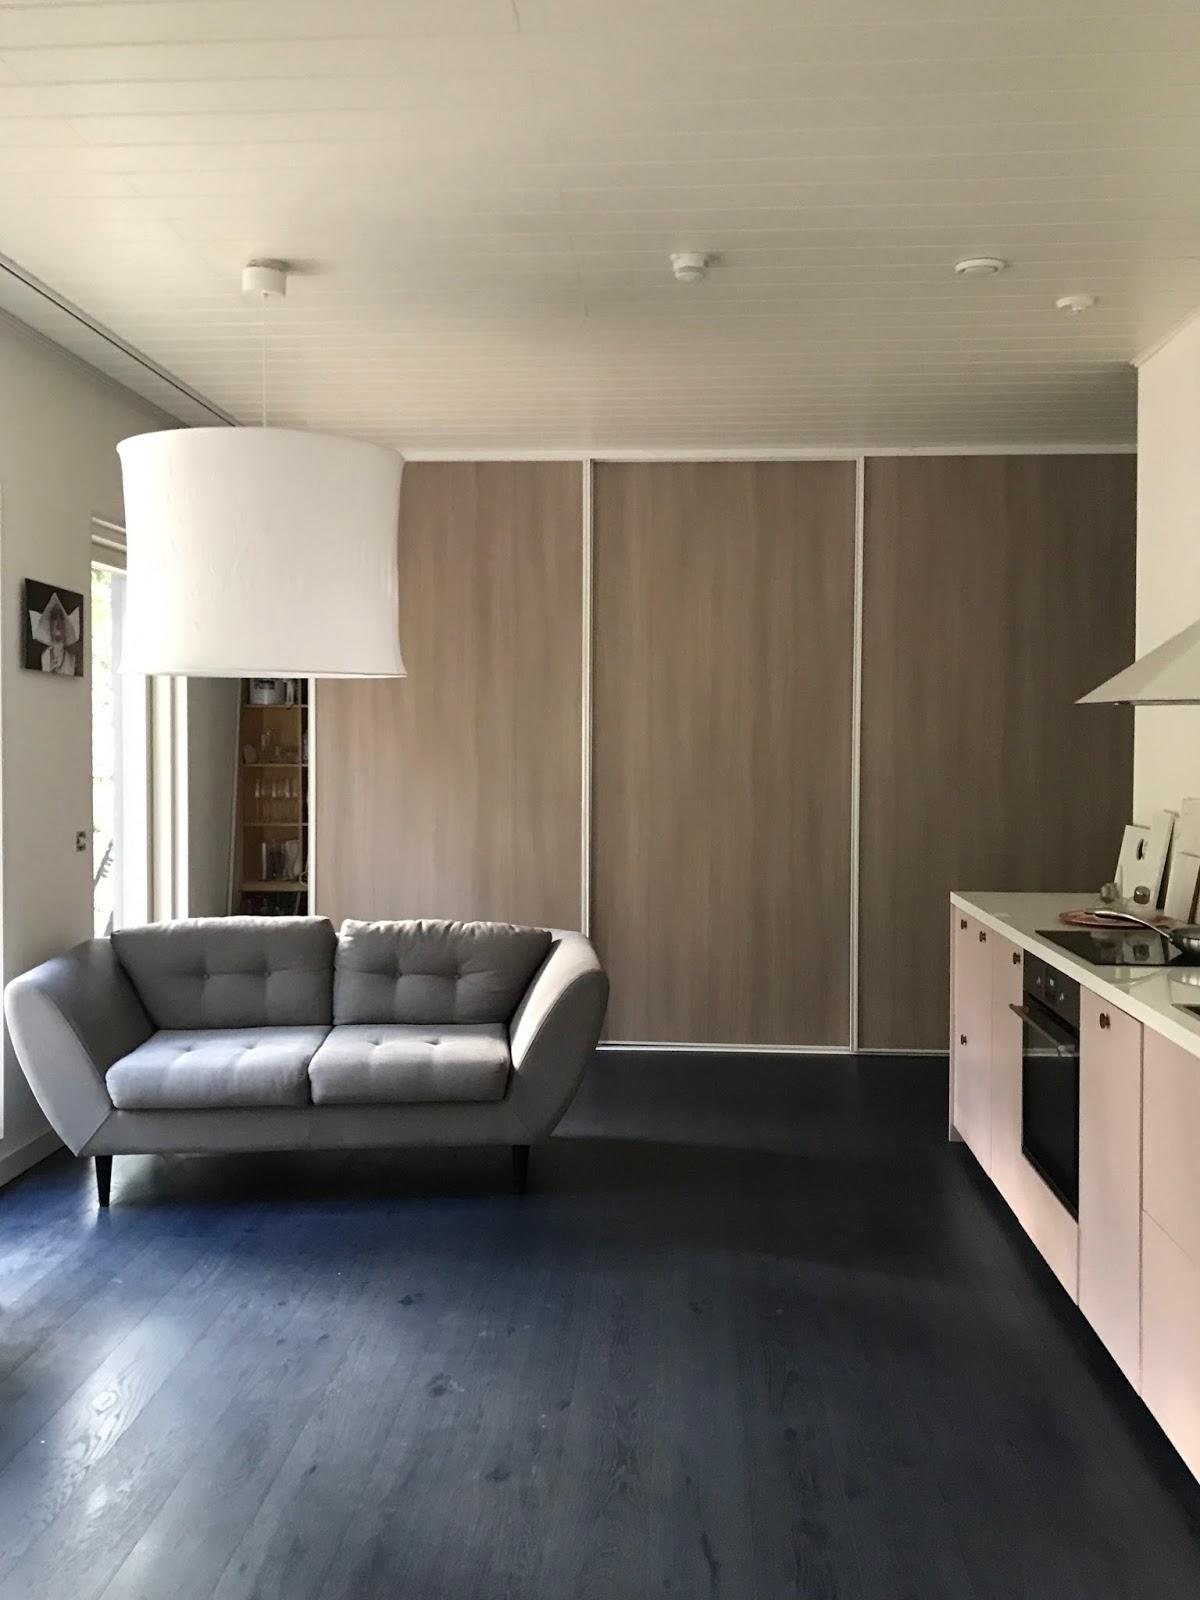 Omakotitalo 72 m2 Olohuone keittiö yhdistelmä